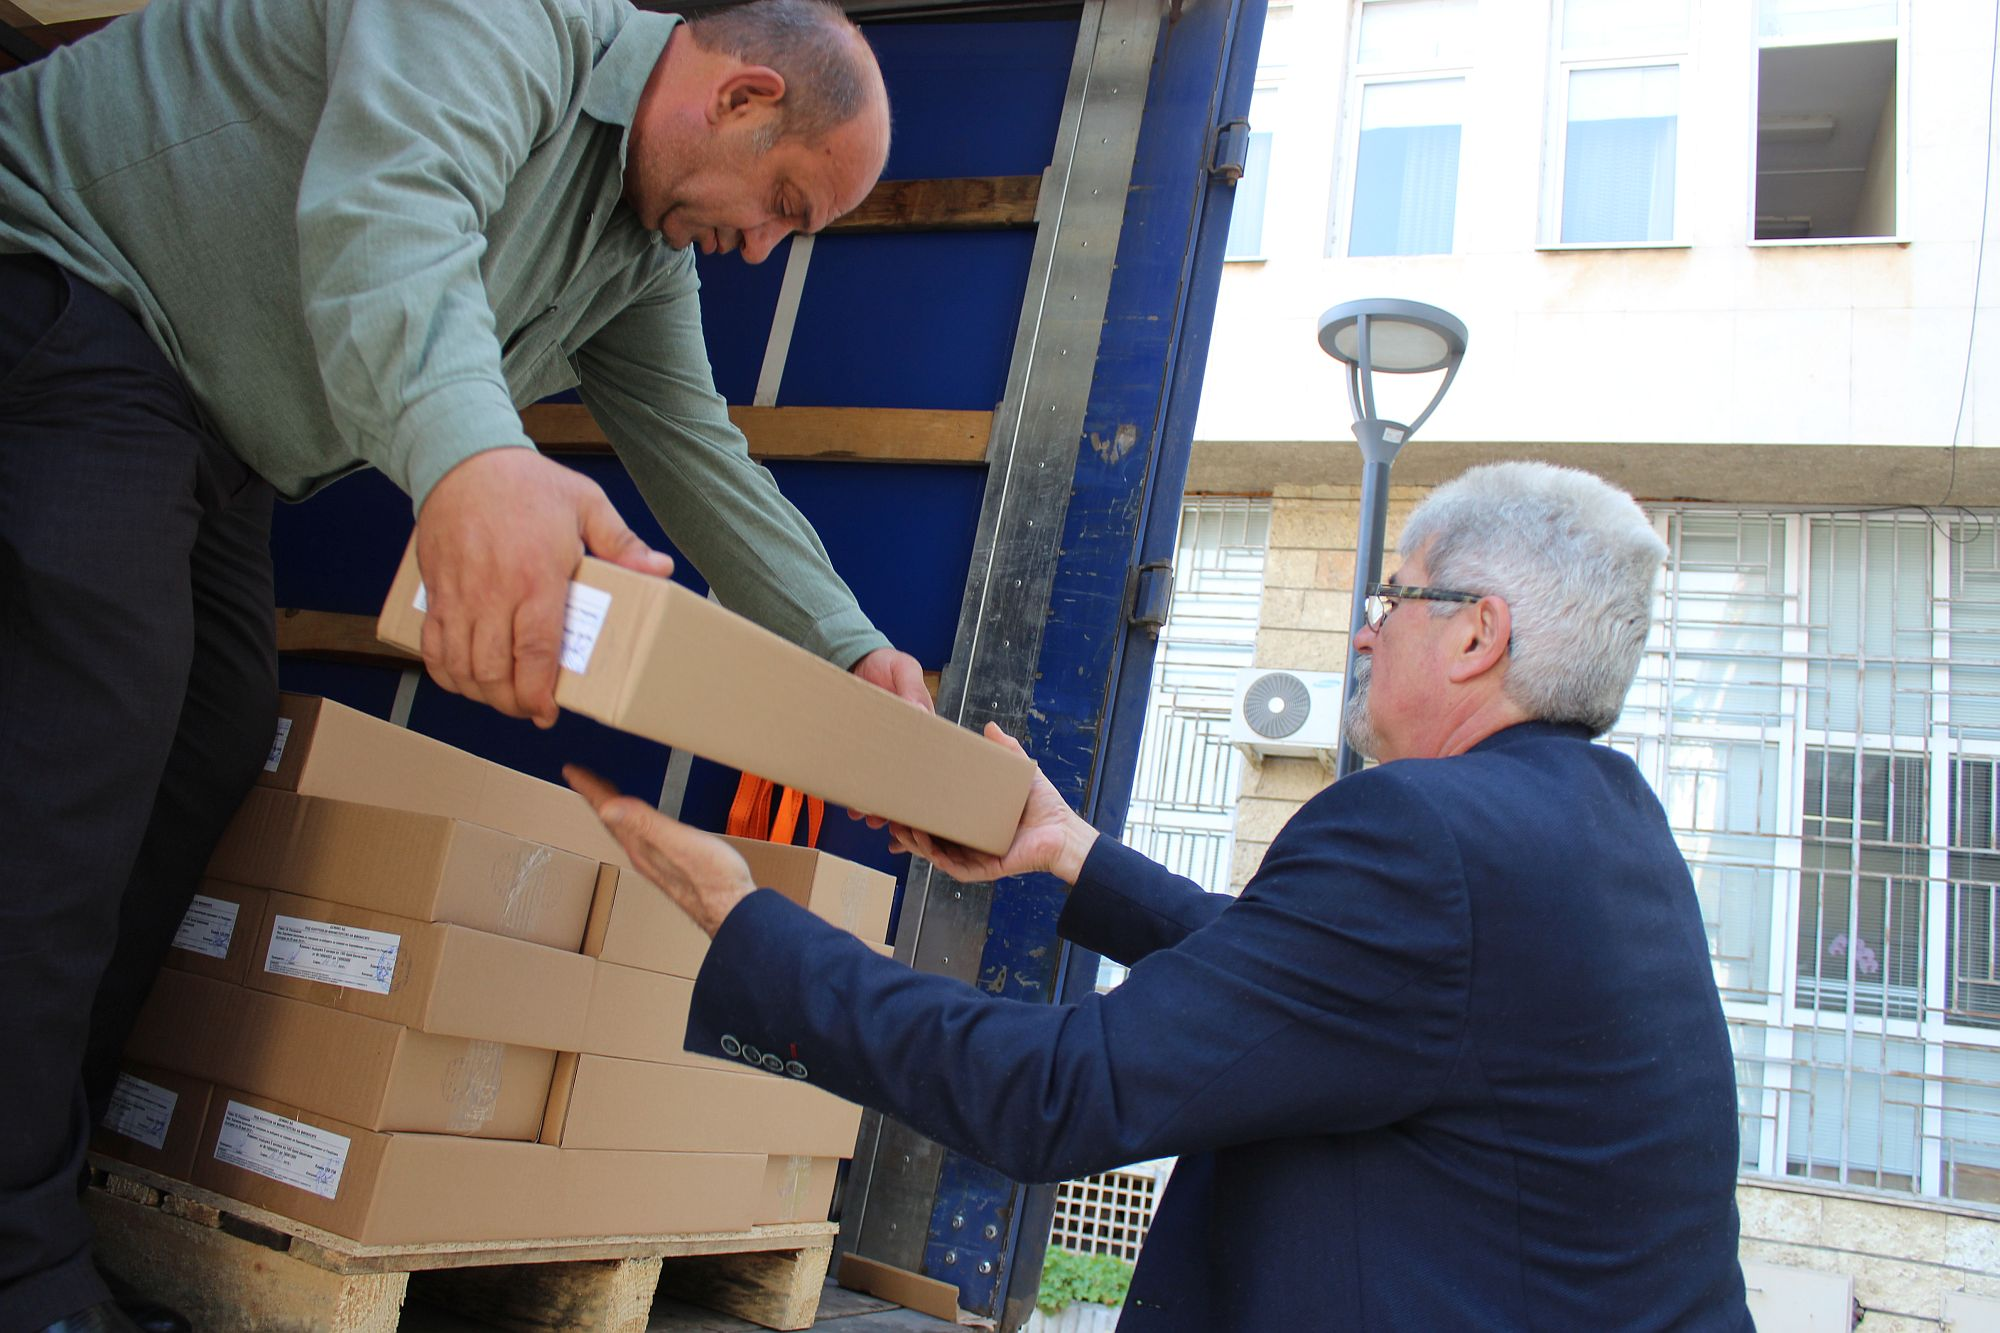 124 600 бюлетини за евровота на 26 май бяха доставени в Раз� ...